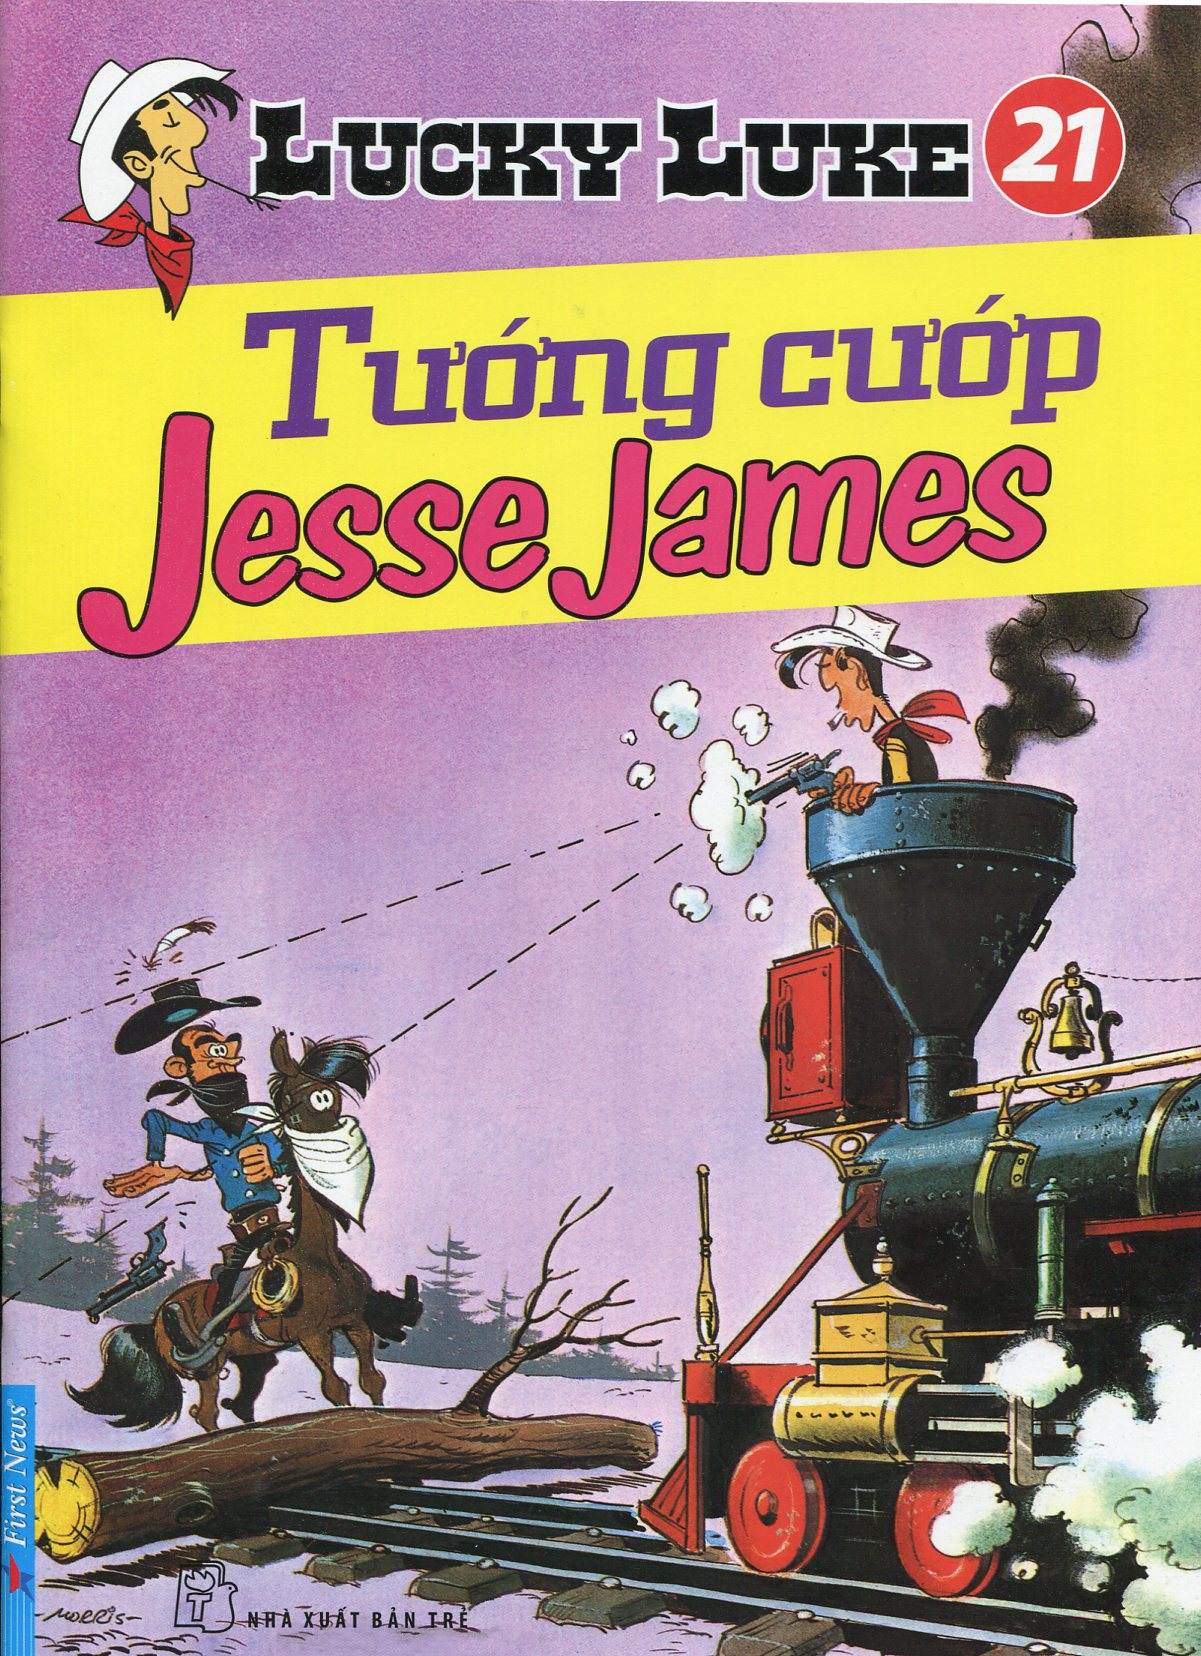 Lucky Luke 21 - Tướng Cướp Jesse James - 8935086823255,62_31981,24700,tiki.vn,Lucky-Luke-21-Tuong-Cuop-Jesse-James-62_31981,Lucky Luke 21 - Tướng Cướp Jesse James